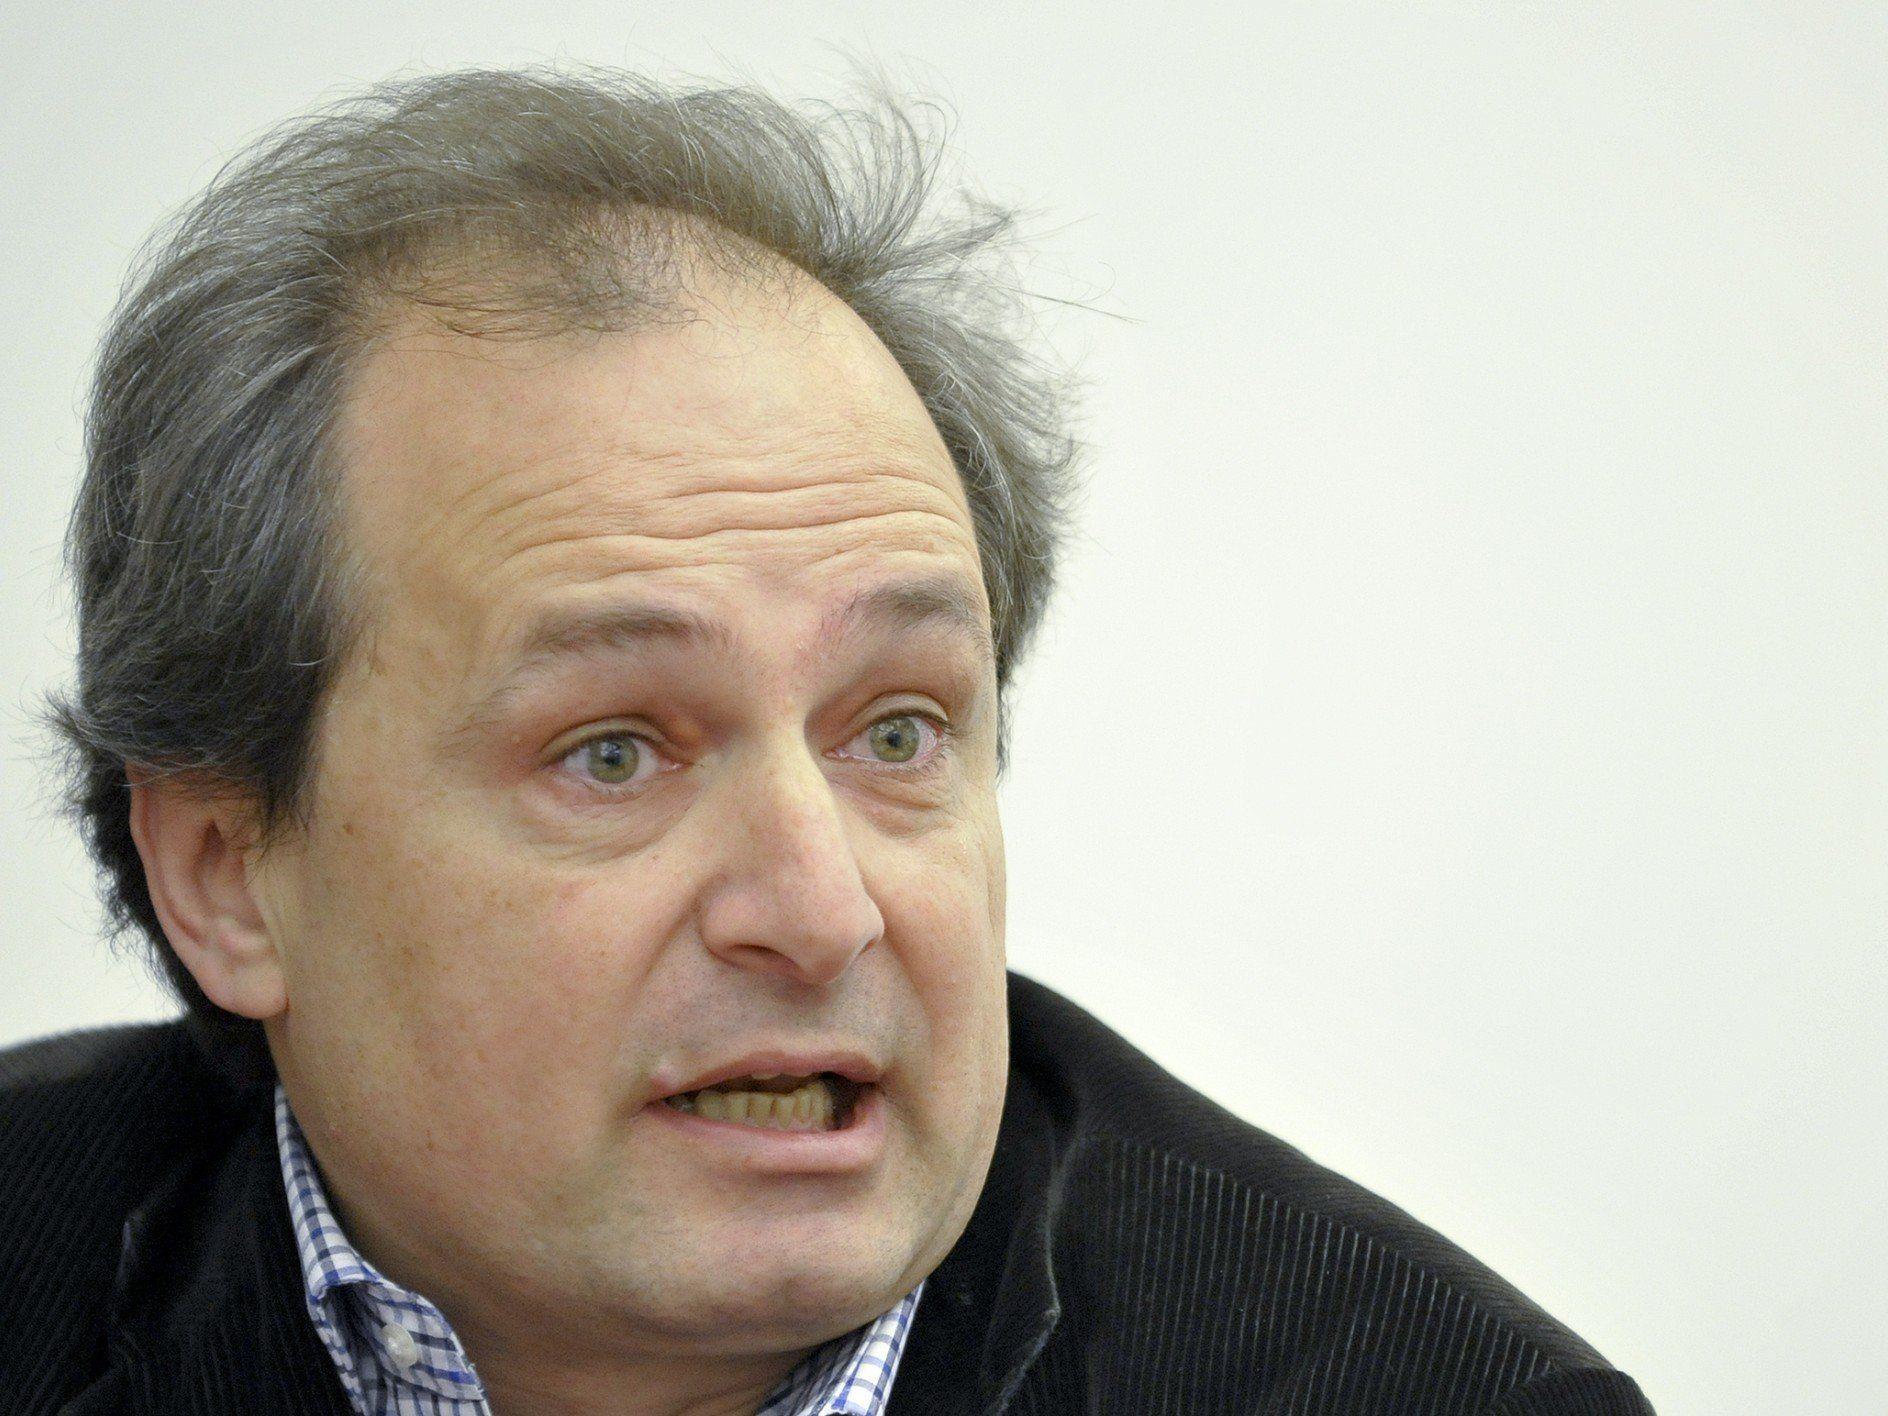 Kunsthaus Wien: Geschäftsführer Franz Patay geht mit Ende Jänner 2014